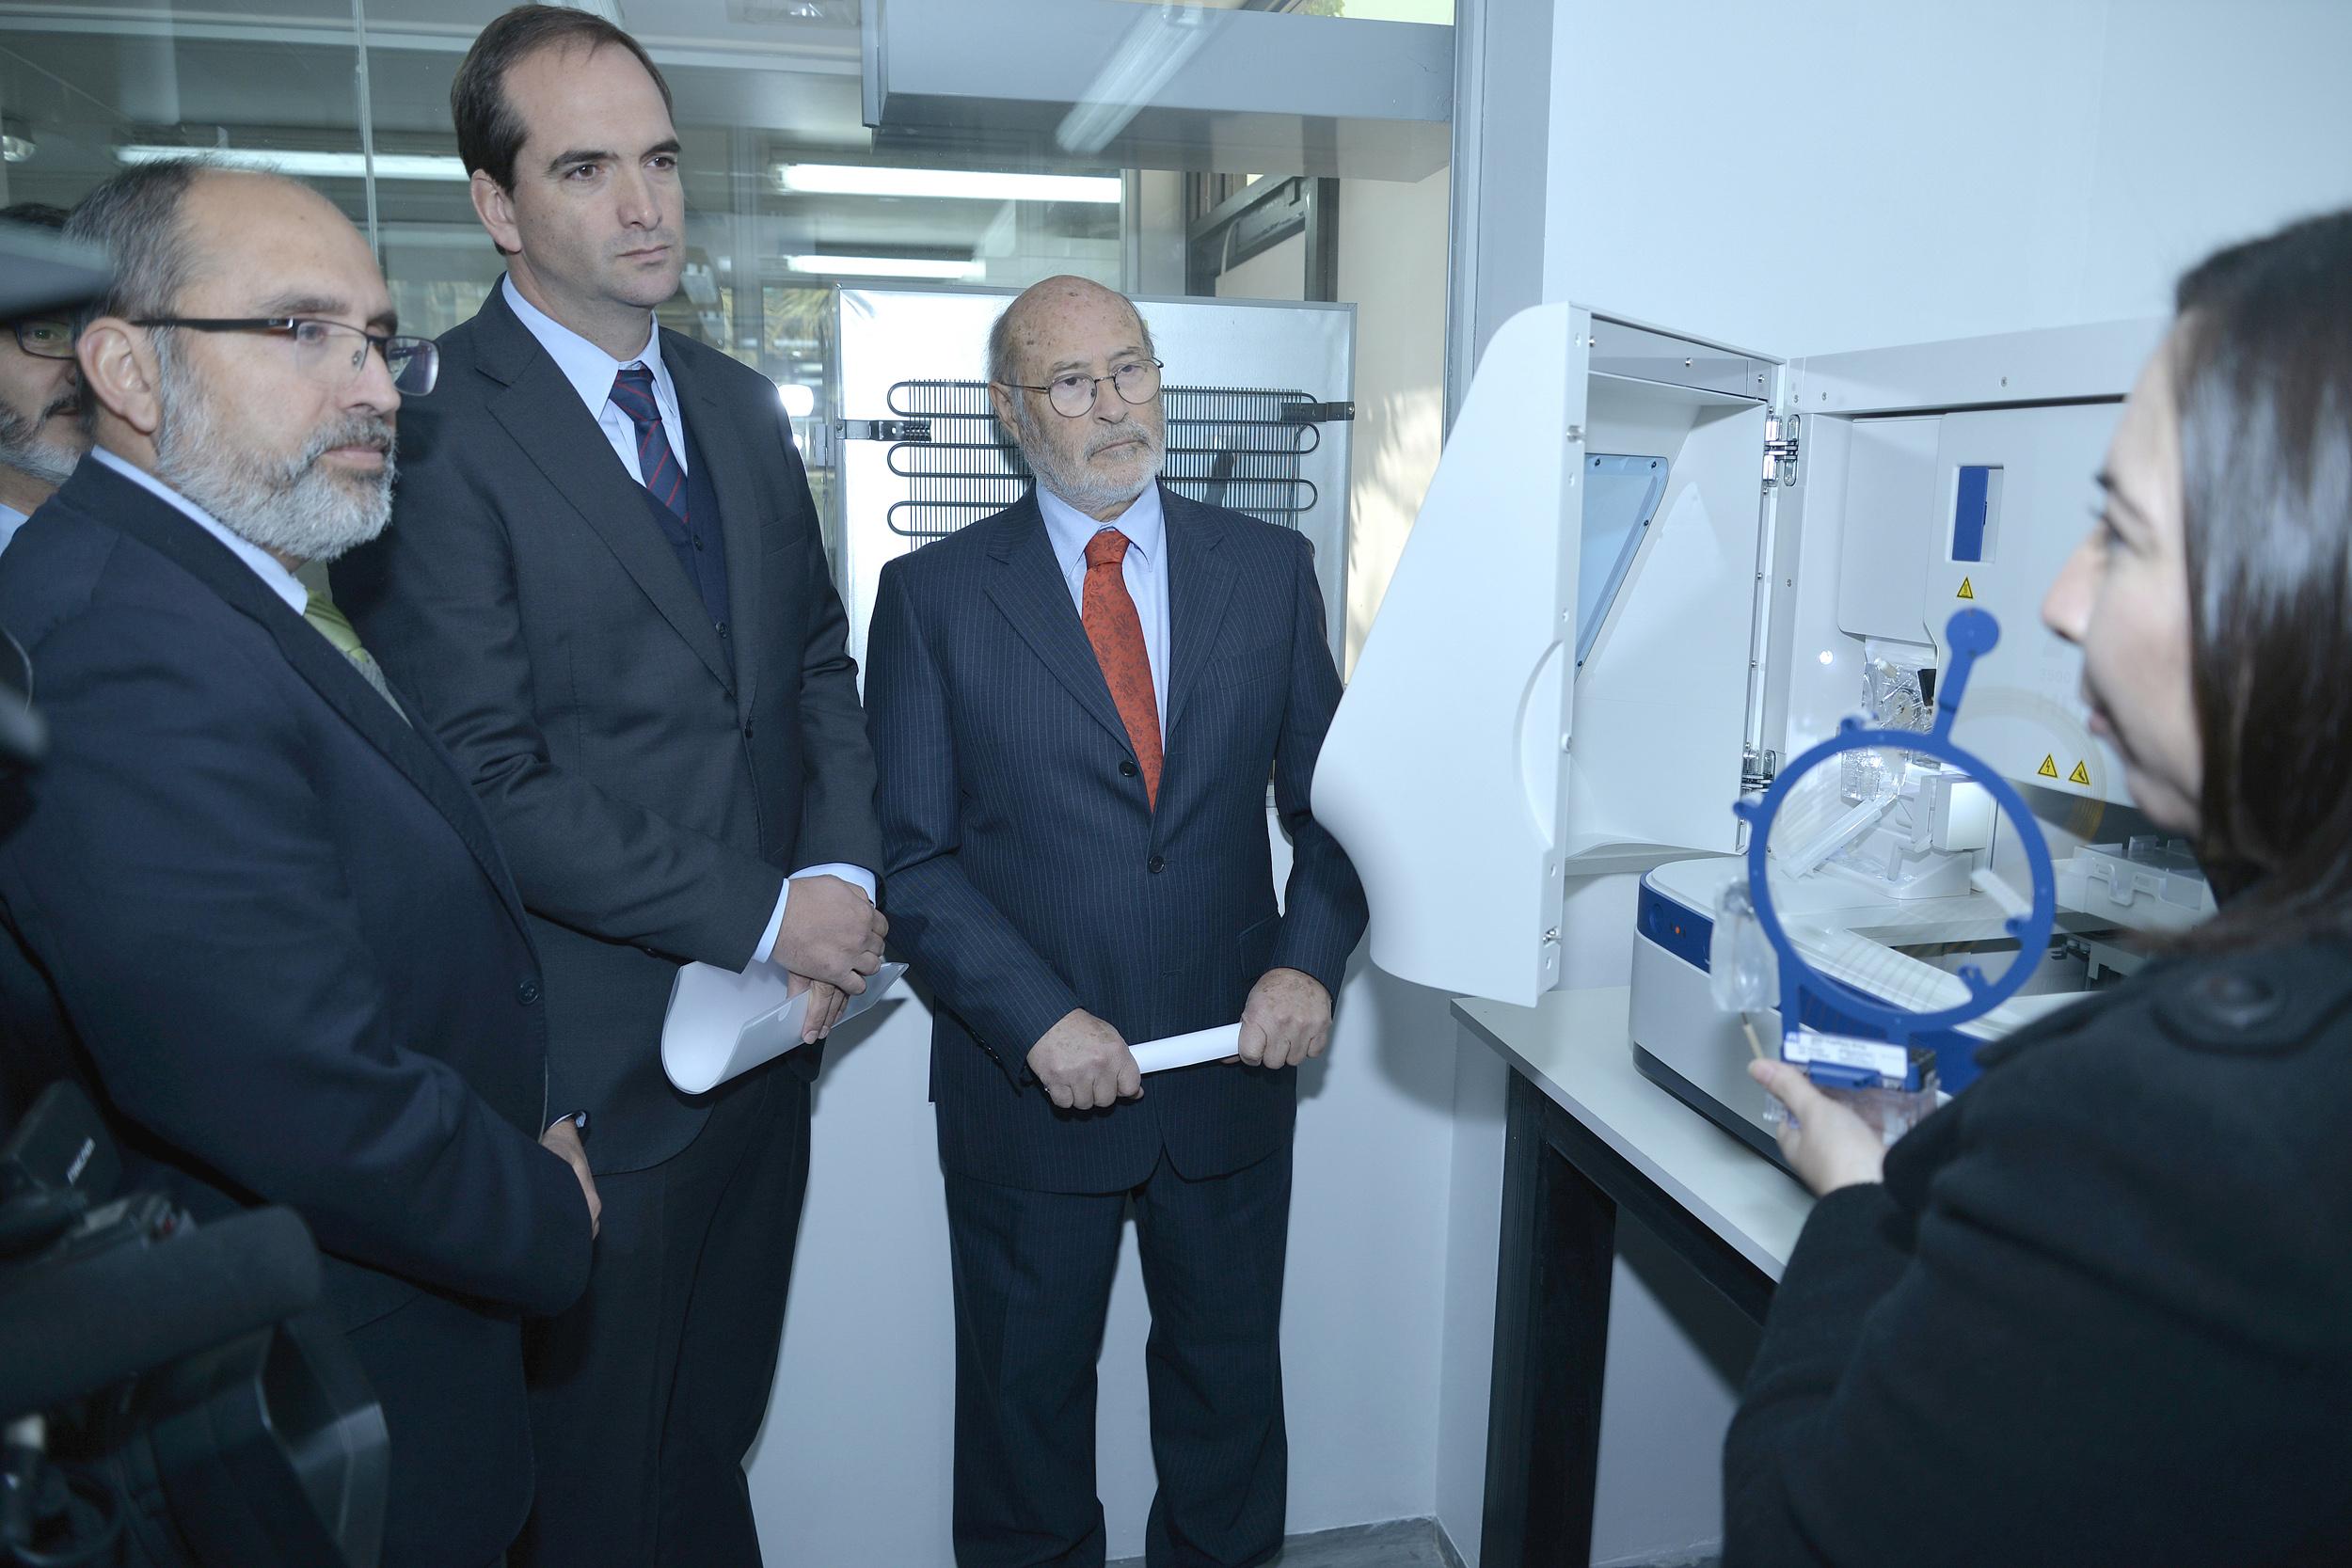 Jorge Enríquez, gerente general de Sopraval; Juan Carlos Domínguez, Presidente Ejecutivo de ExpoCarnes, y Ángel Sartori, Director Nacional del SAG, reciben información sobre el nuevo equipo de análisis molecular del SAG.